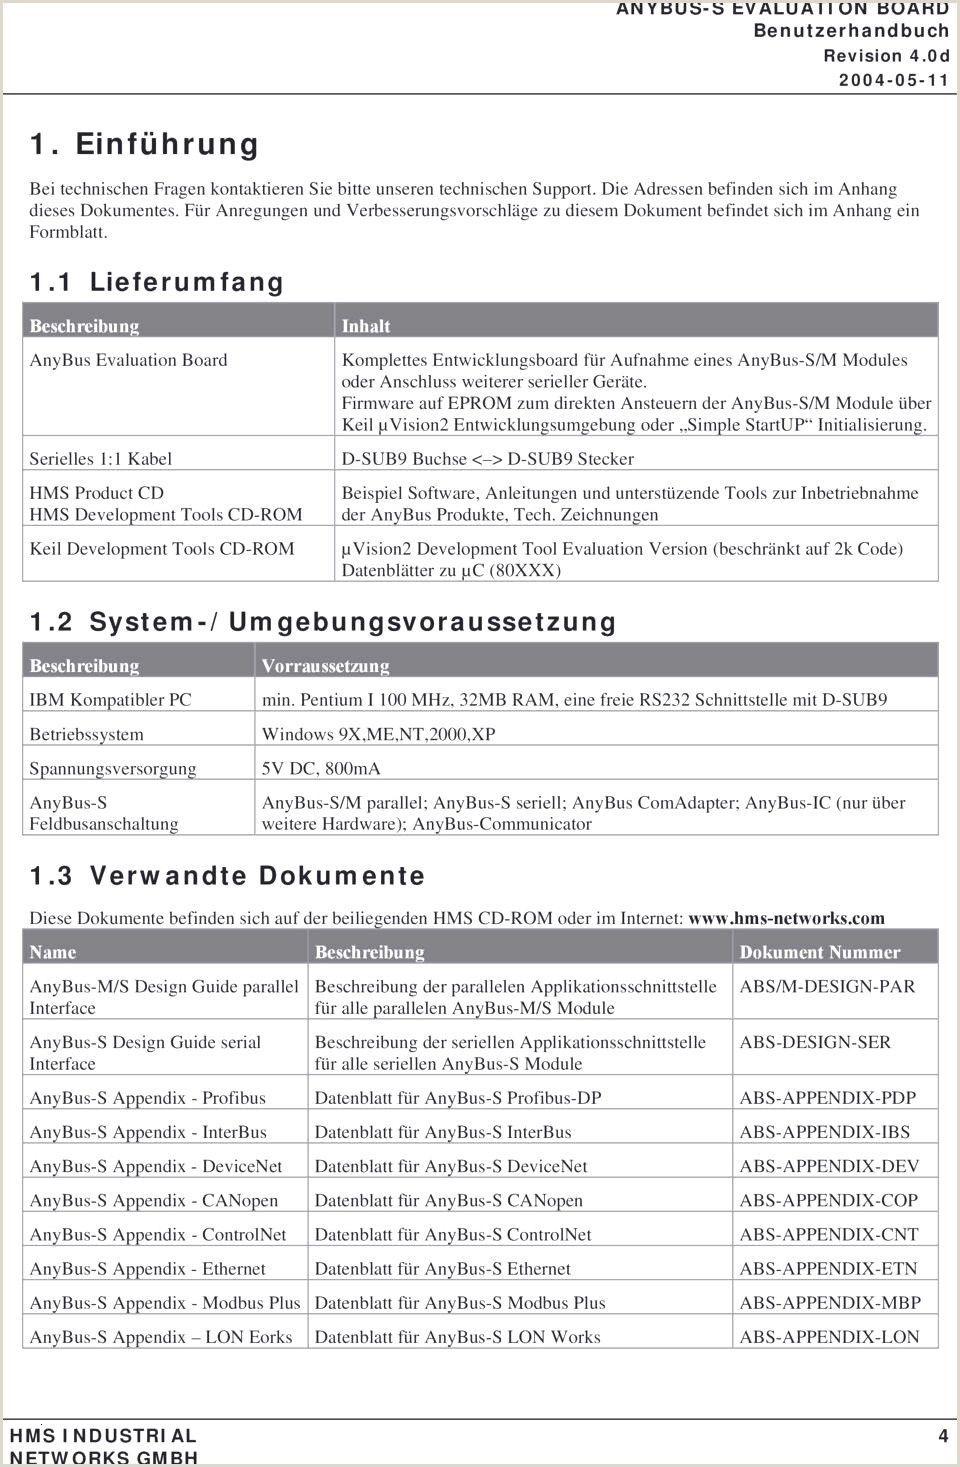 Lebenslauf Muster Juristen Resume Template Free Downloadable Lebenslauf Muster Juristen Type Of Resume And Samp In 2020 Lebenslauf Lebenslauf Muster Vorlagen Word